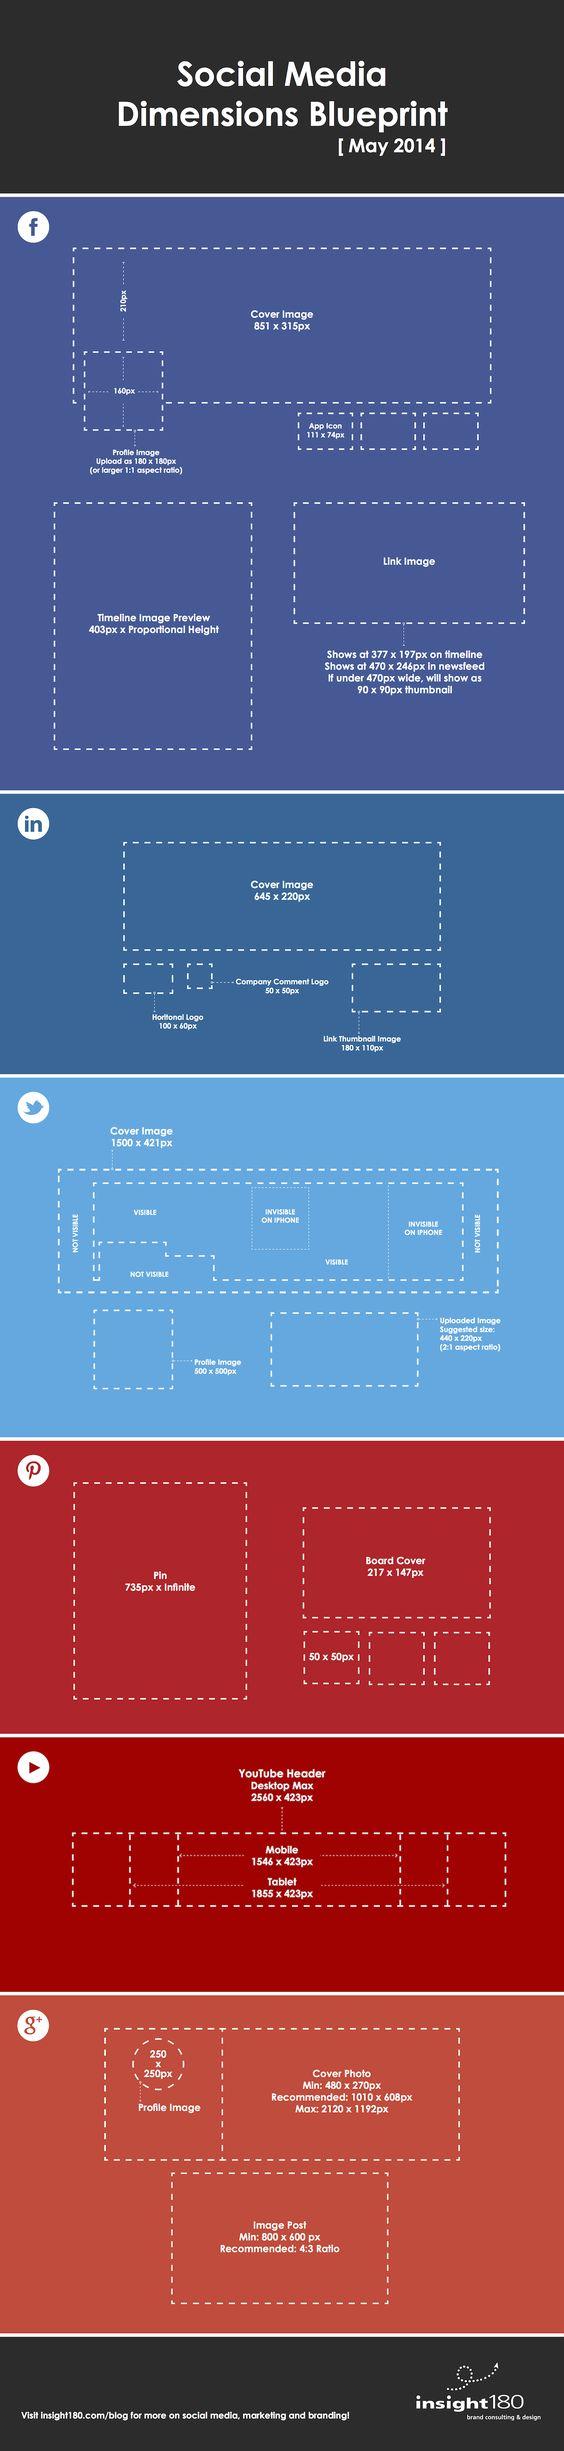 Las dimensiones de las Redes Sociales #Infografia #Infographic #SocialMedia